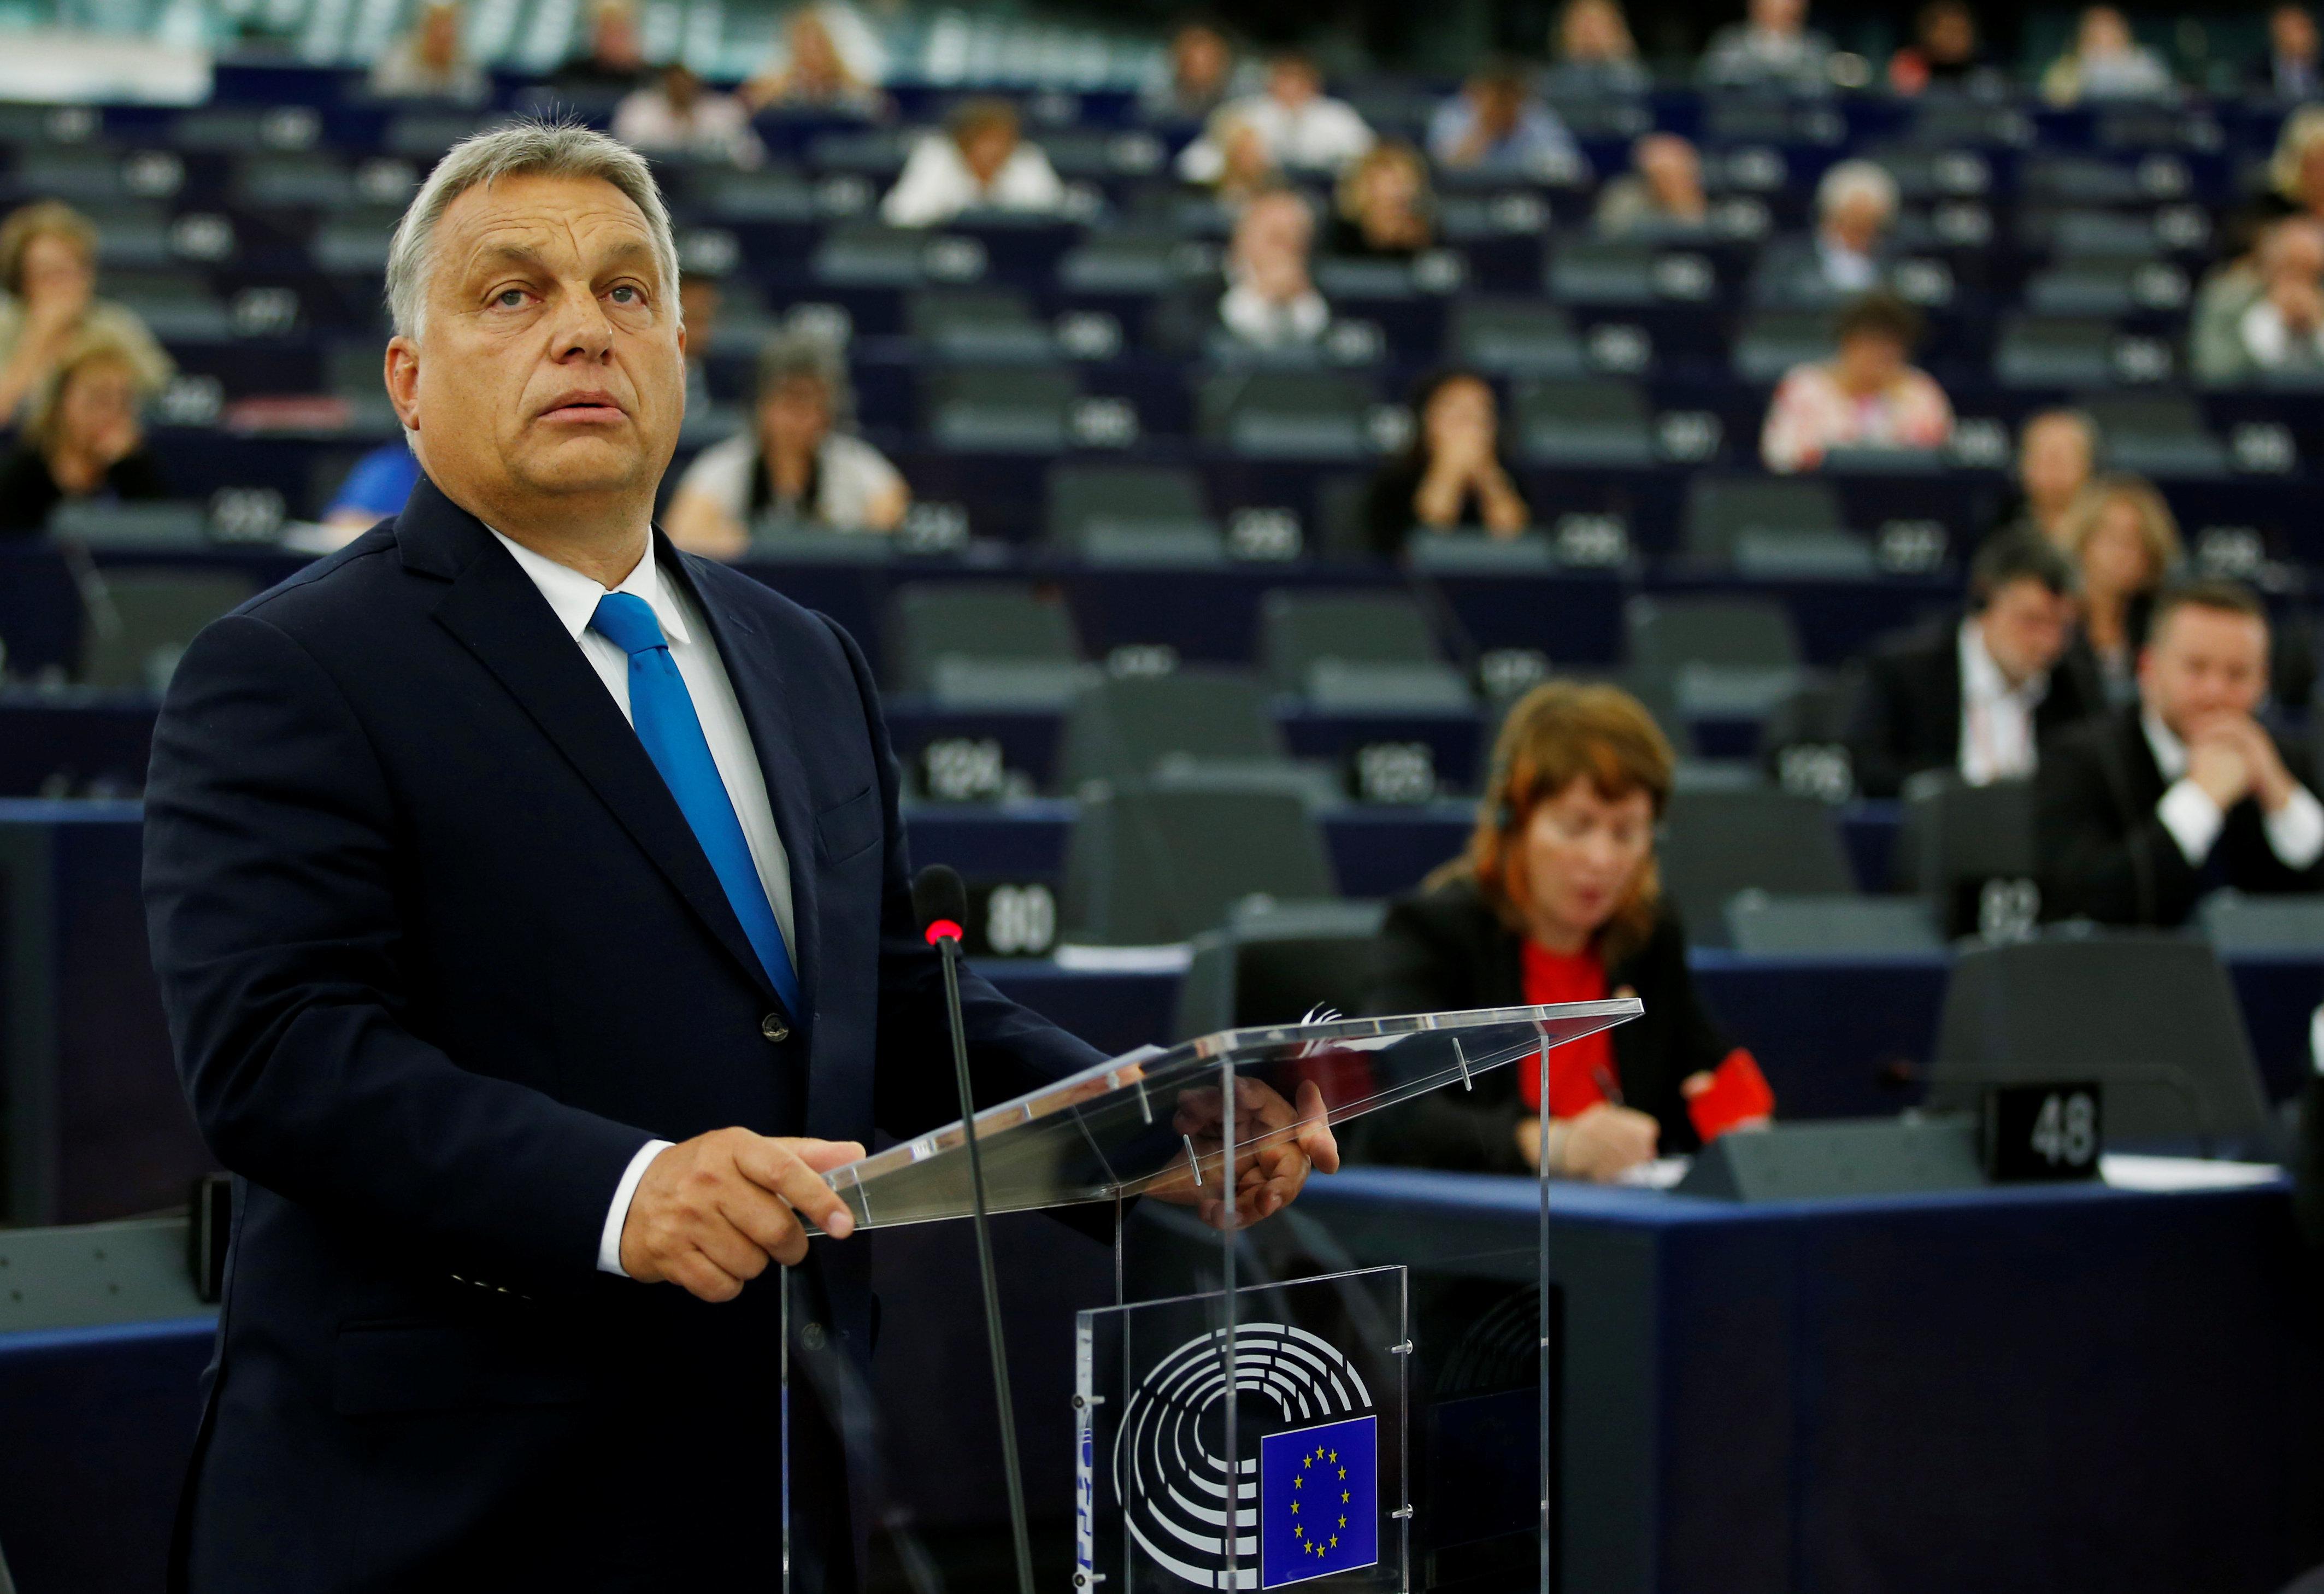 Το Ευρωπαϊκό Κοινοβούλιο ενέκρινε την ενεργοποίηση της διαδικασίας επιβολής κυρώσεων κατά της Ουγγαρίας